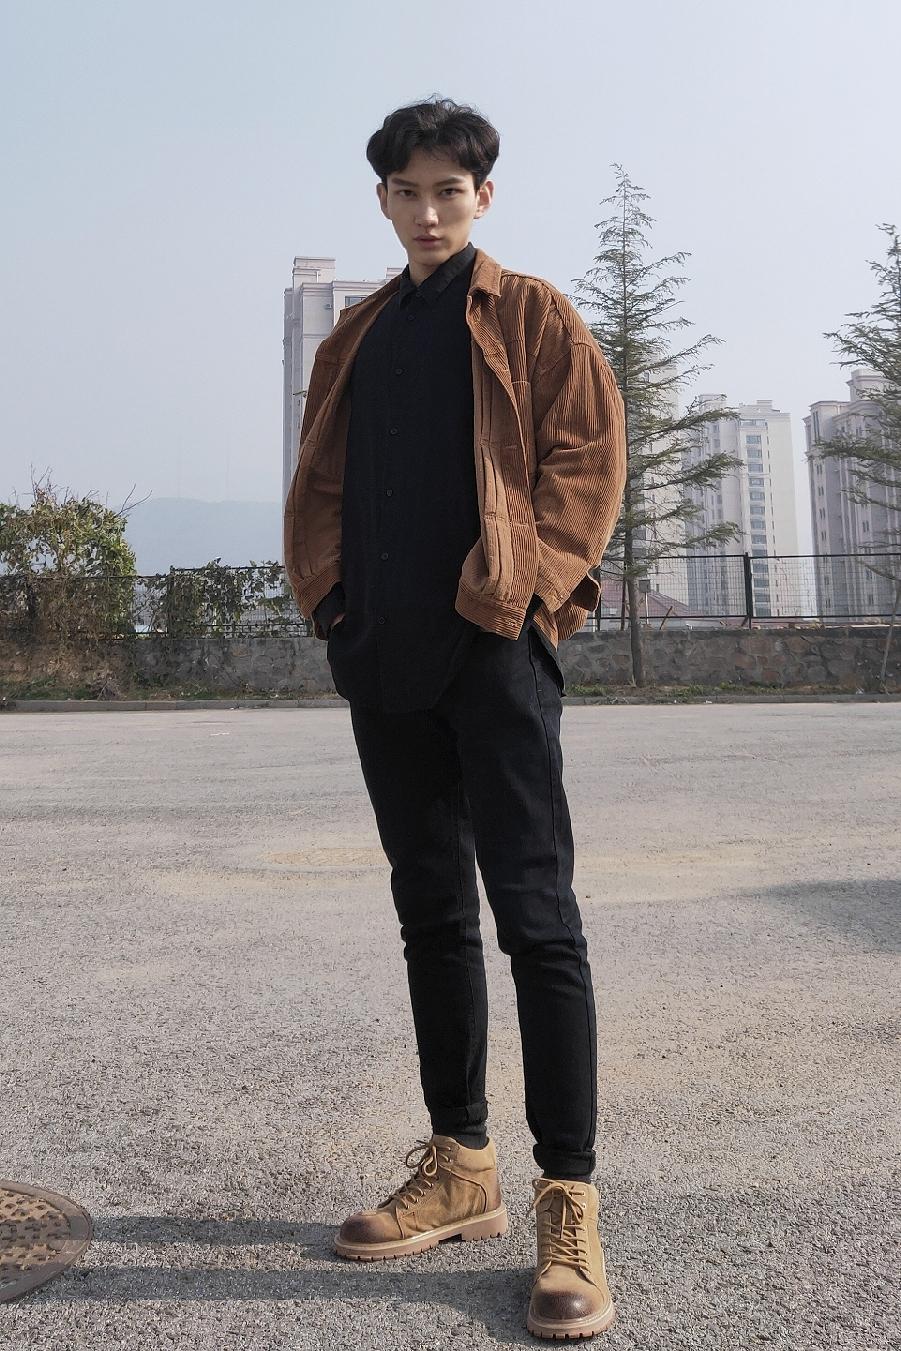 #D&G请看好,这才是至美中国风!#   怕配色单一太平庸? 简单配色教你穿出男模质感!这次选用色调是除黑灰白外另一种安全色——驼色。 驼色是种大地色,给人以亲和温柔著称, 涤纶上衣复古独特,为你的整体奠定与众不同的基调,休闲黄靴子增加一丝丝硬朗。